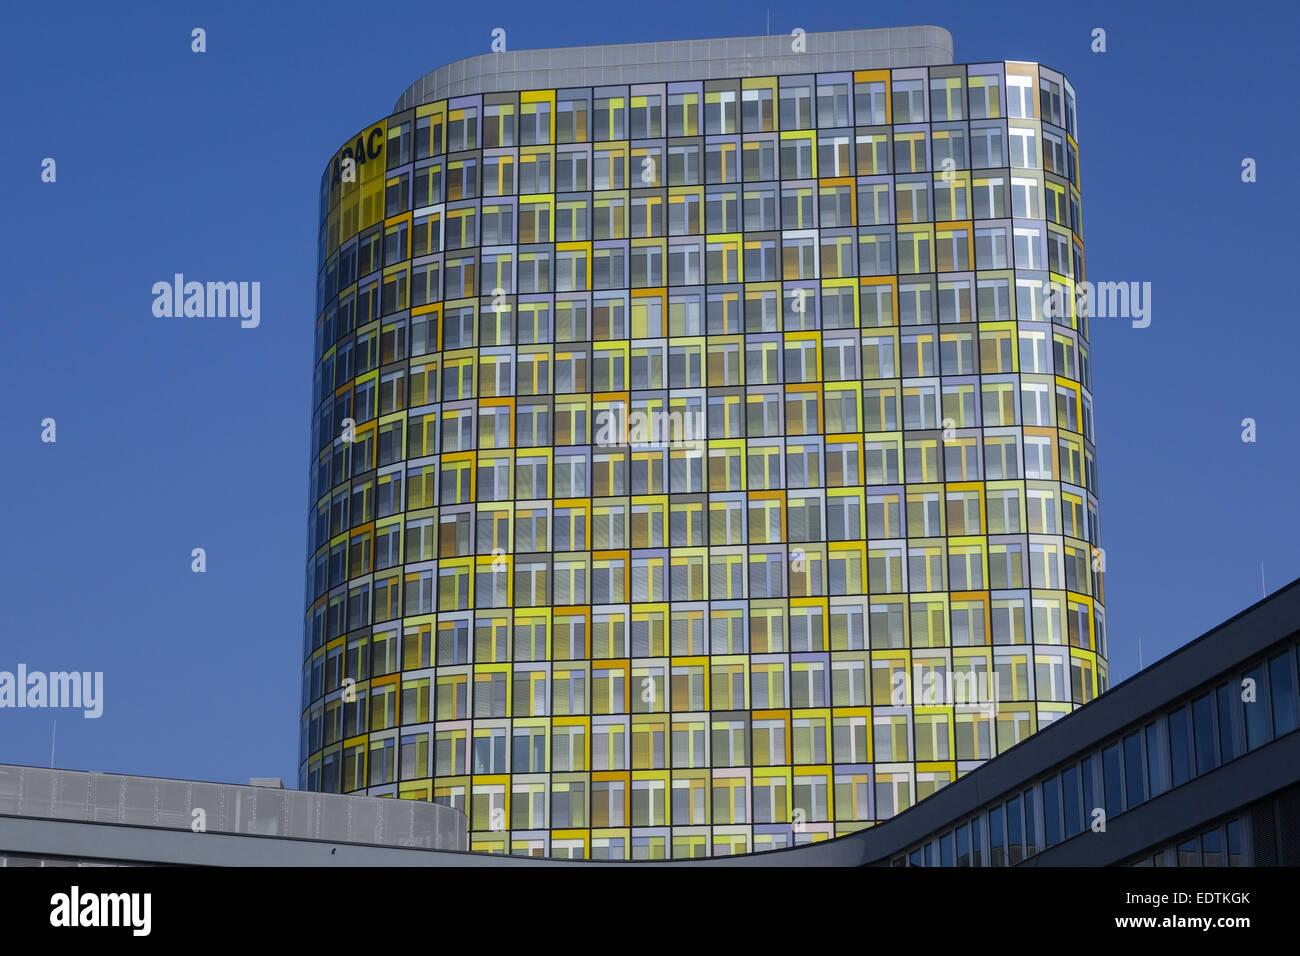 Neue ADAC-Zentrale, Hansastrasse 23-25, München, Bayern, Deutschland, Europa,New ADAC Headquarters, Hansastrasse - Stock Image